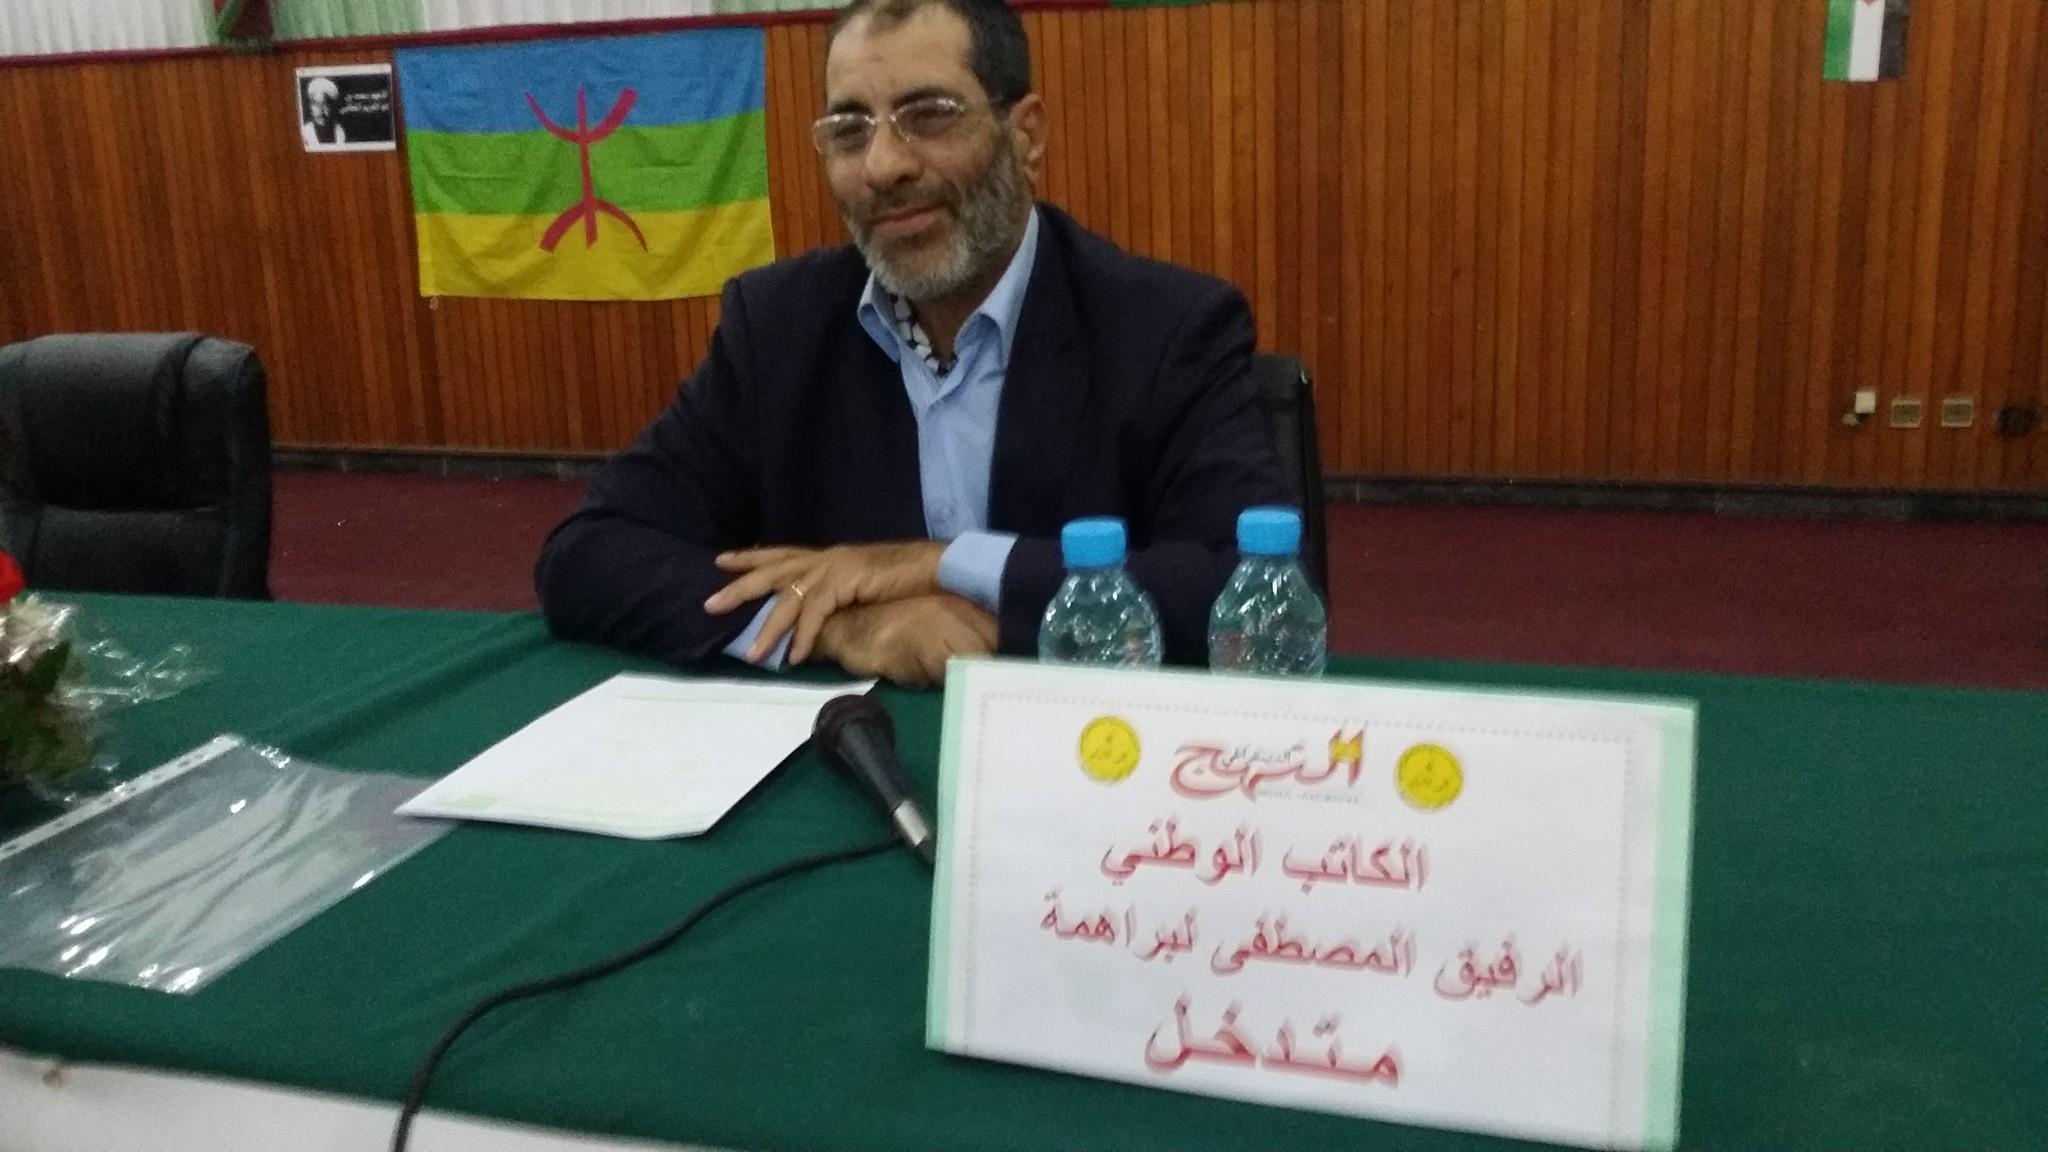 الكاتب الوطني للنهج الديمقراطي يطالب من الجديدة بجبهة موحدة من أجل التغيير بالمغرب